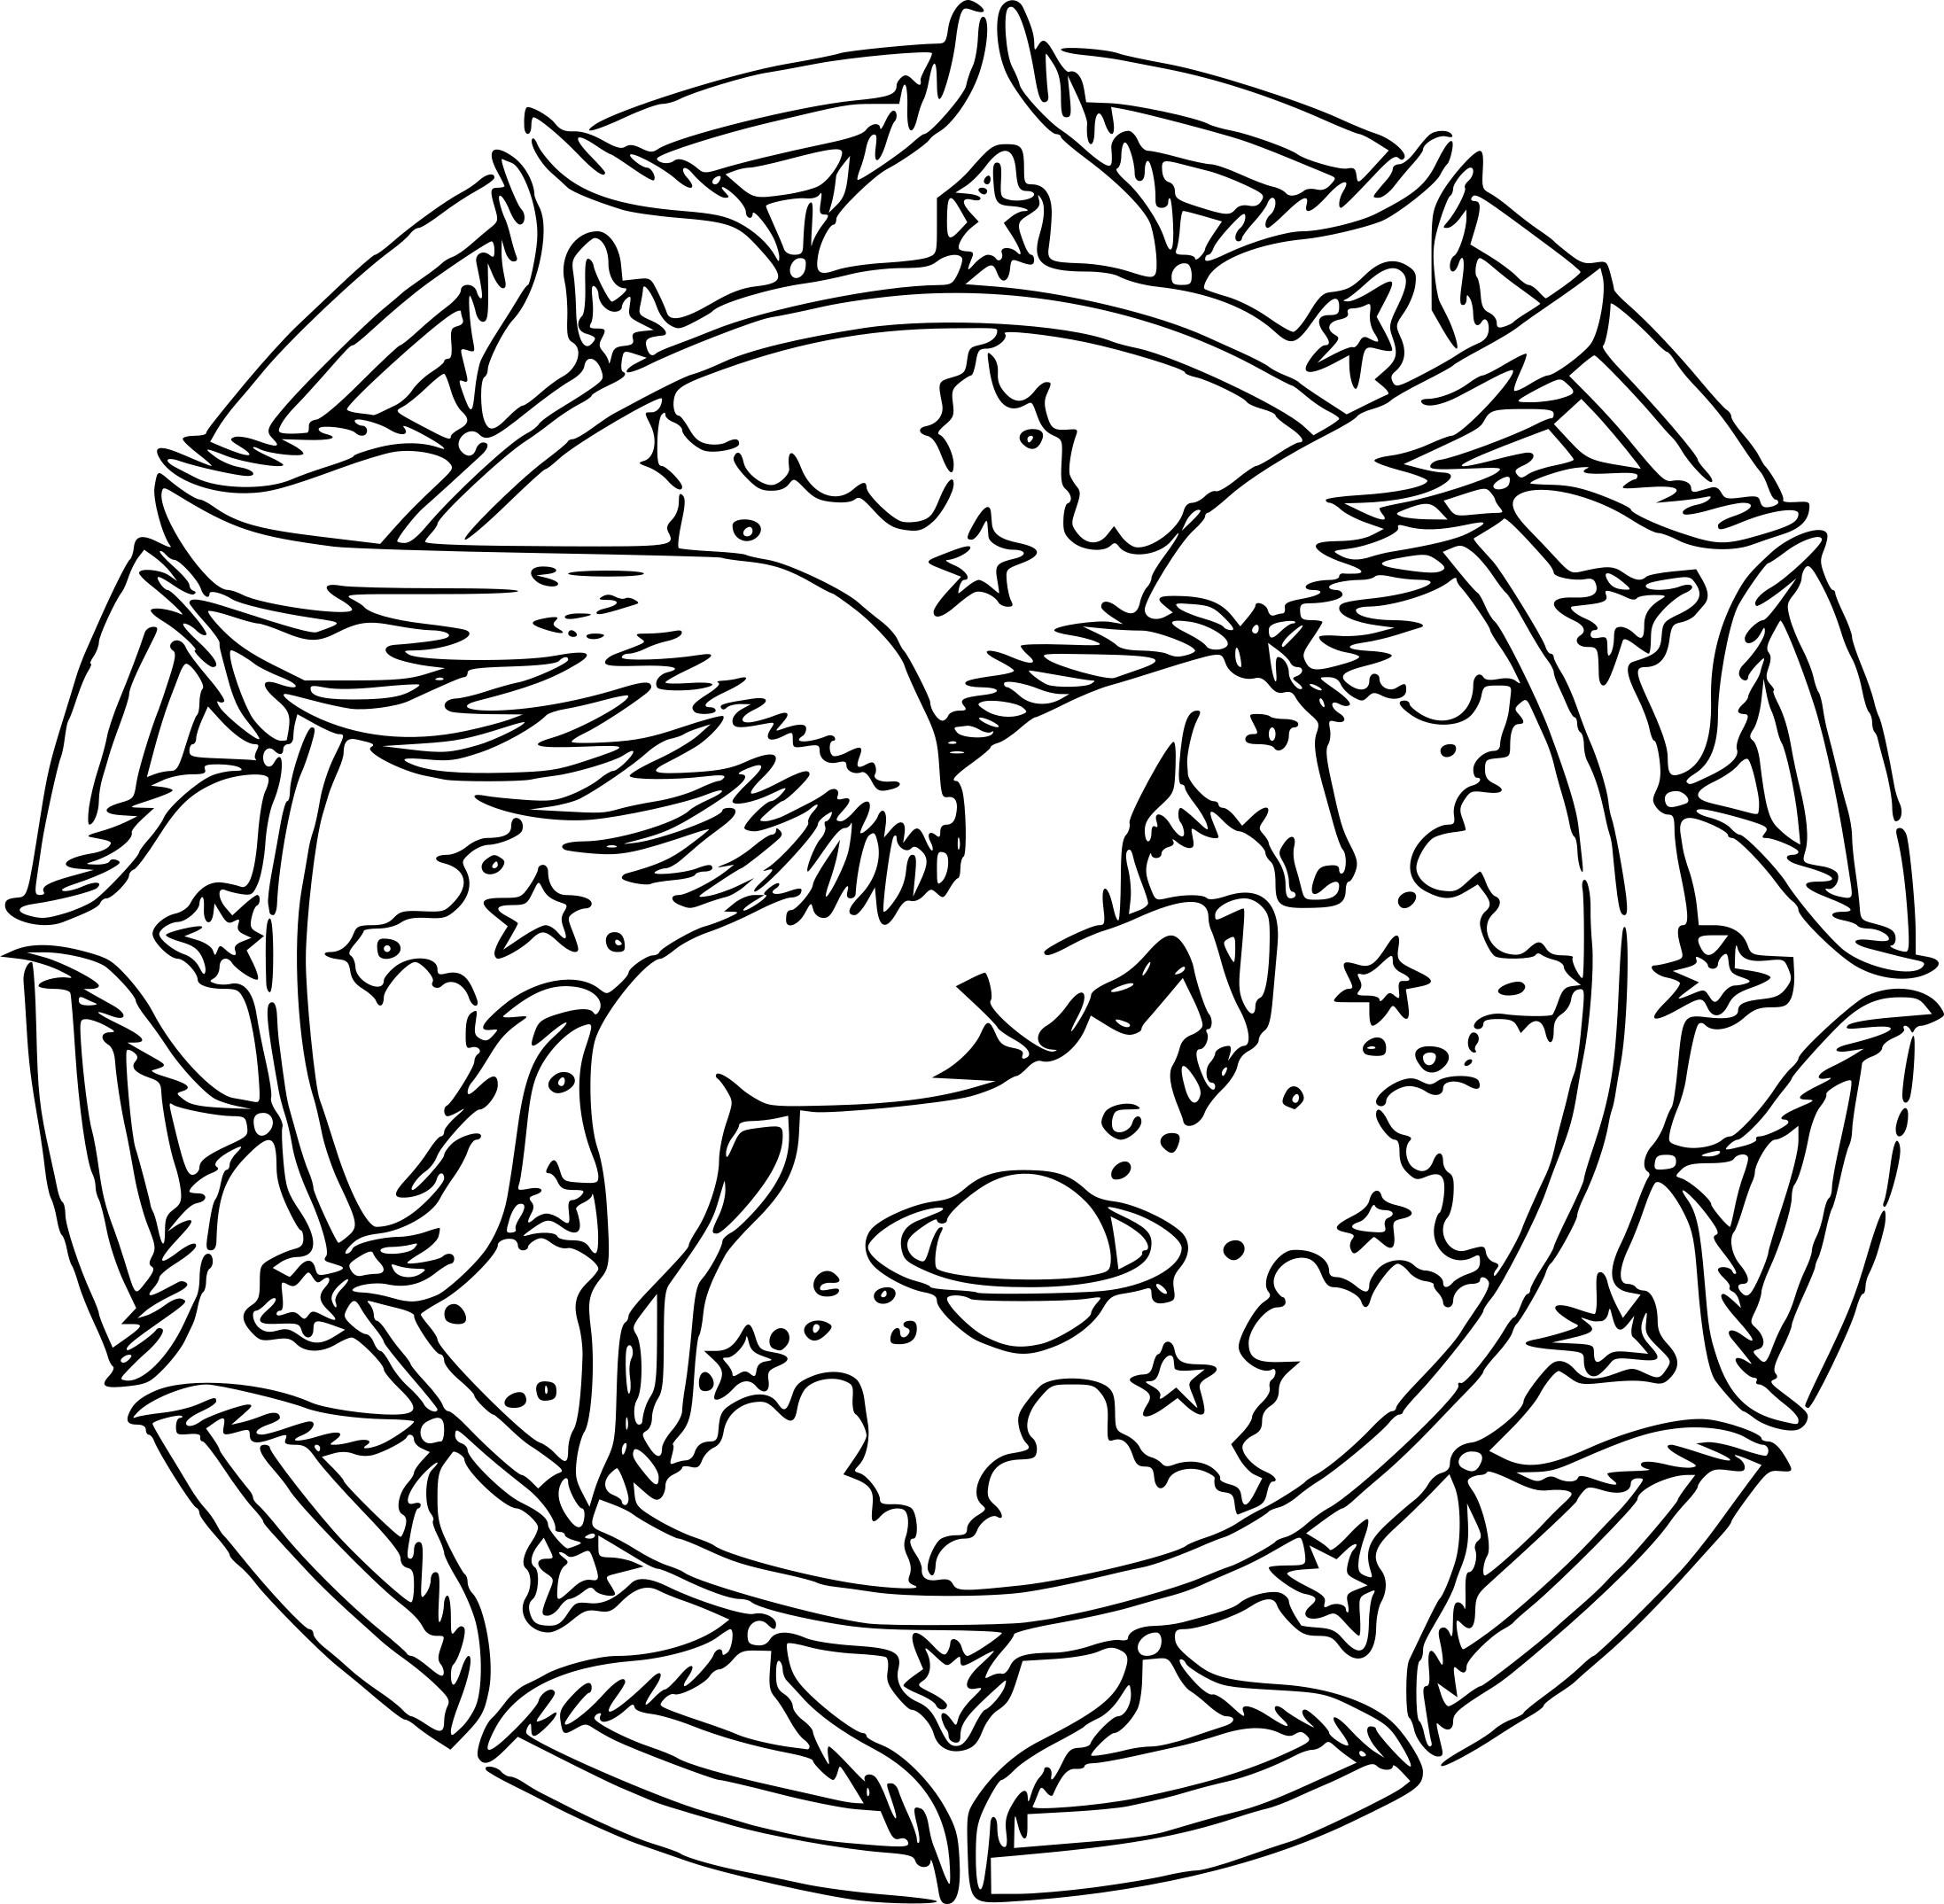 Coloriage Mandala Licorne À Imprimer Sur Coloriages à Coloriage Licorne A Imprimer